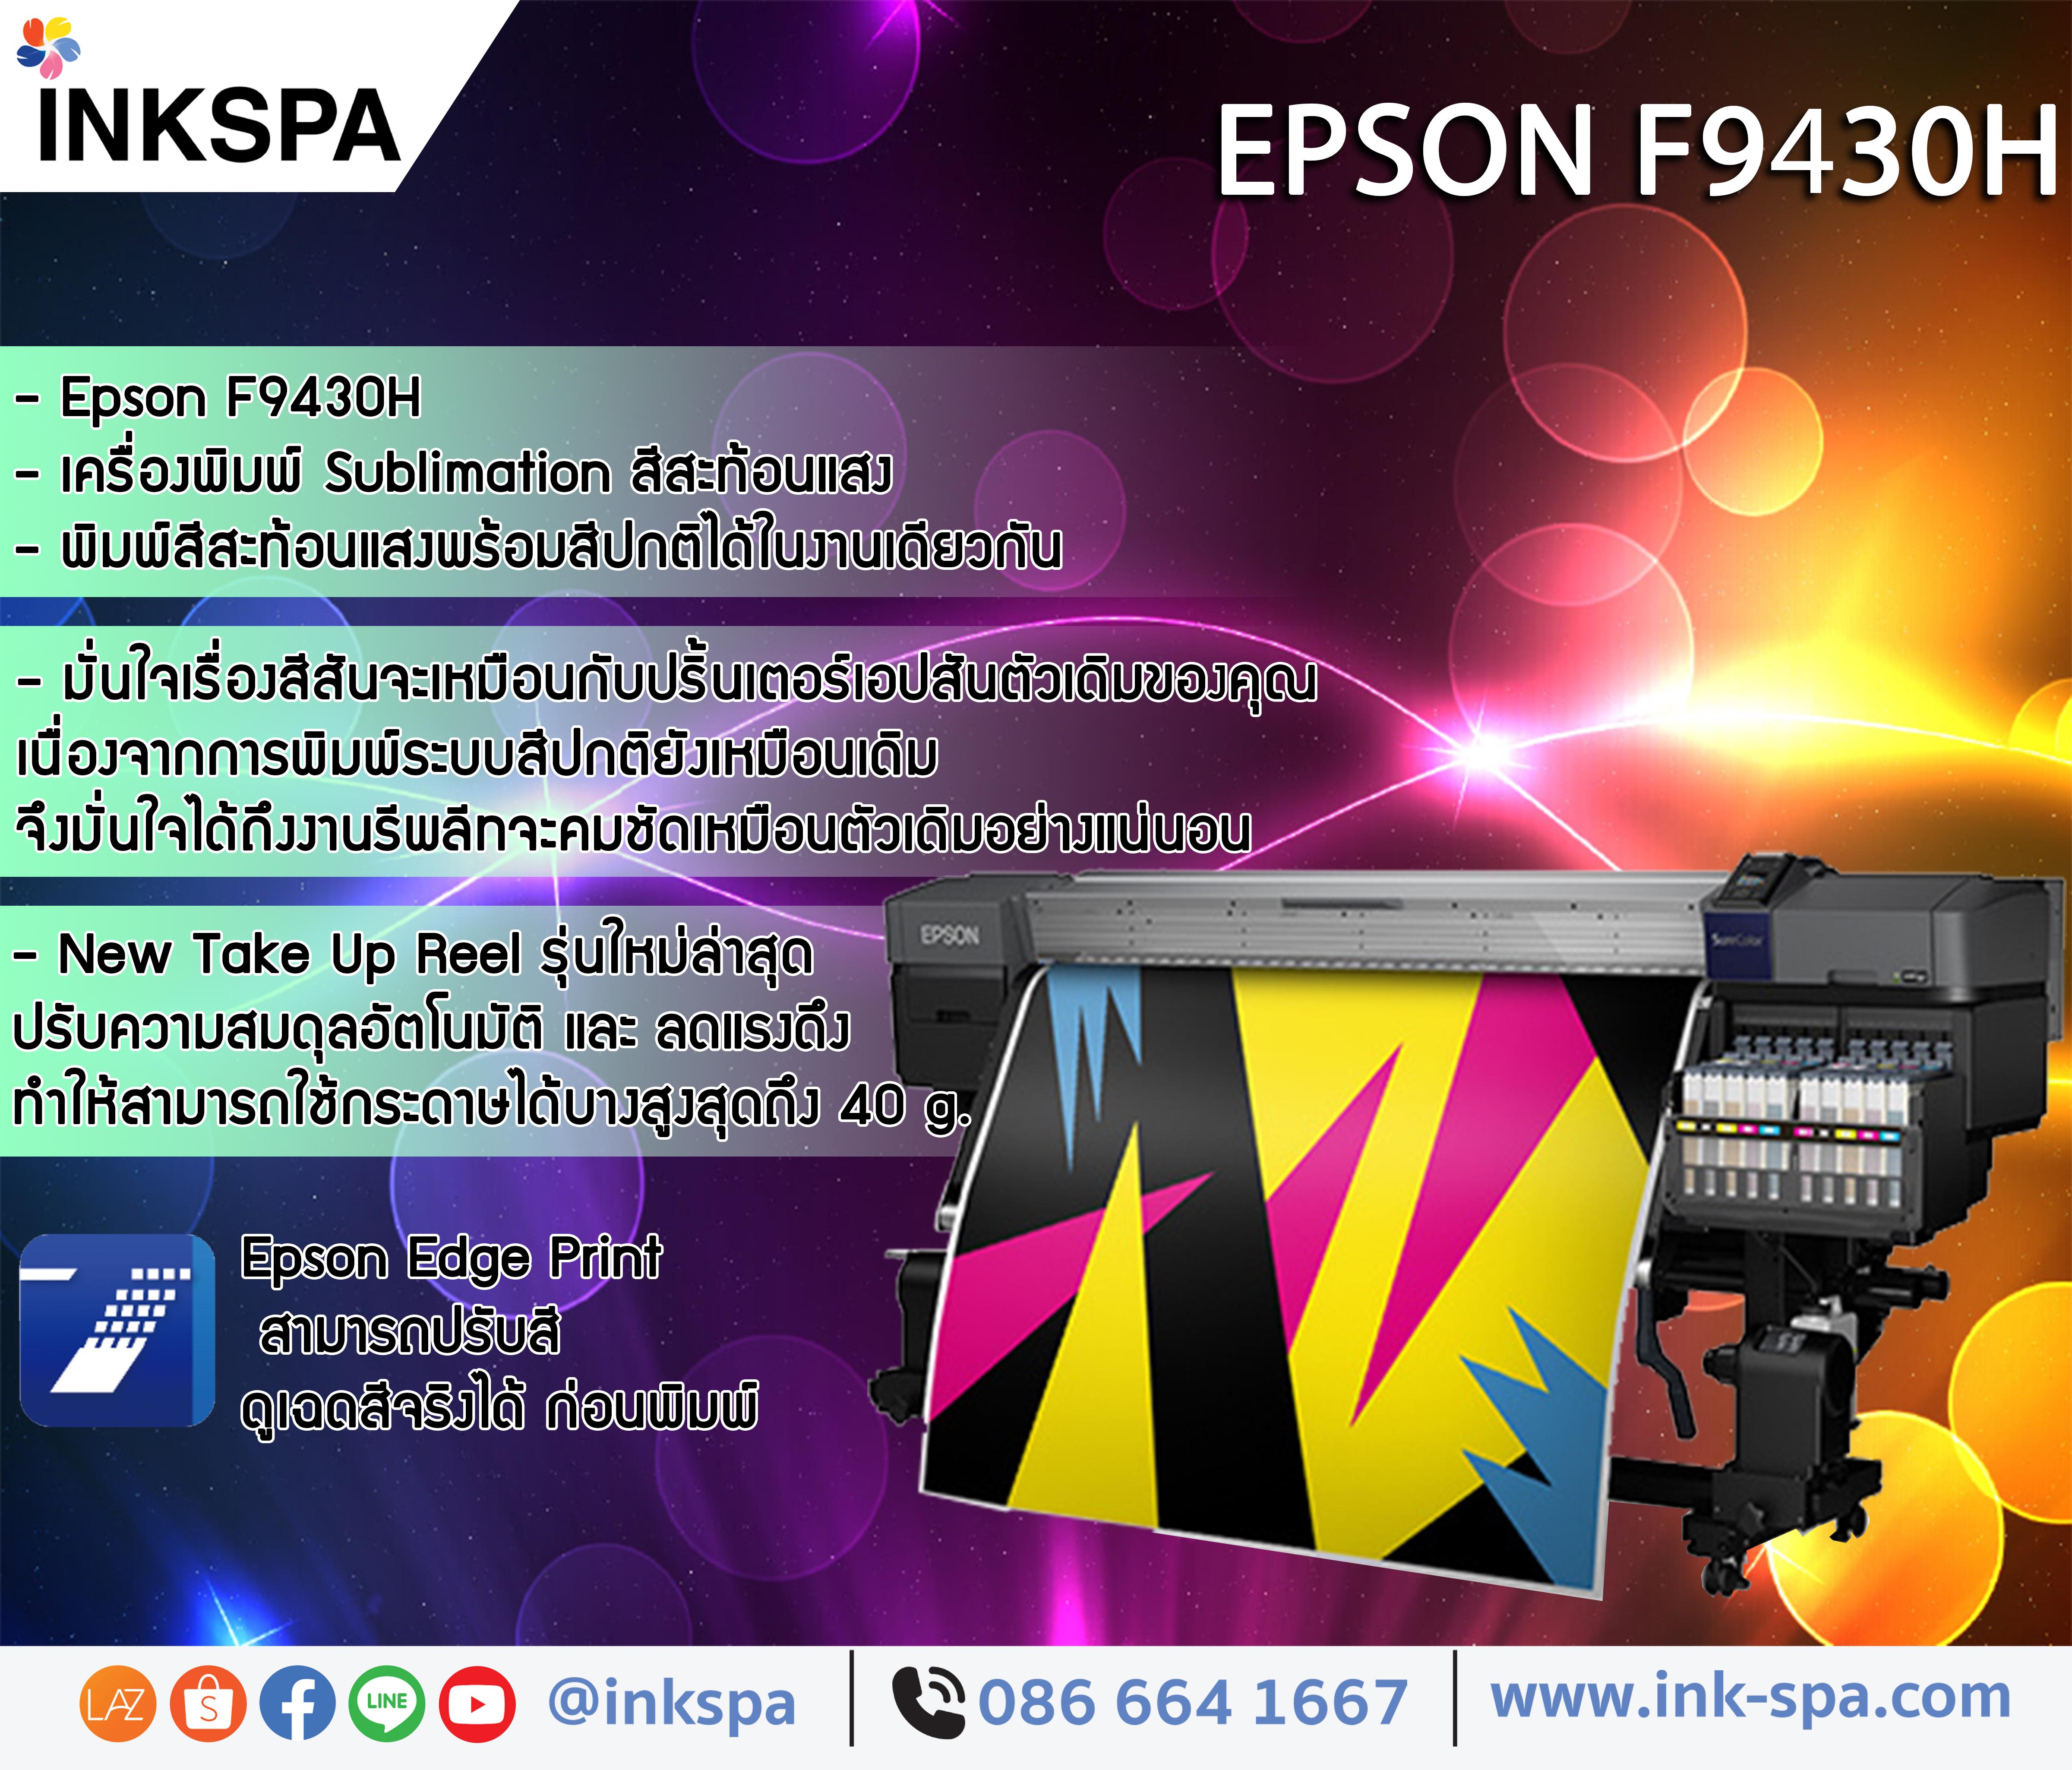 เครื่องพิมพ์ Epson, Epson F9430H, เครื่องพิมพ์สีสะท้อนแสง, เครื่องโรล, เครื่องสกรีนรีดร้อน. Roll Heat Transfer, Sublimation Printer, เครื่องพิมพ์ซับลิเมชั่น